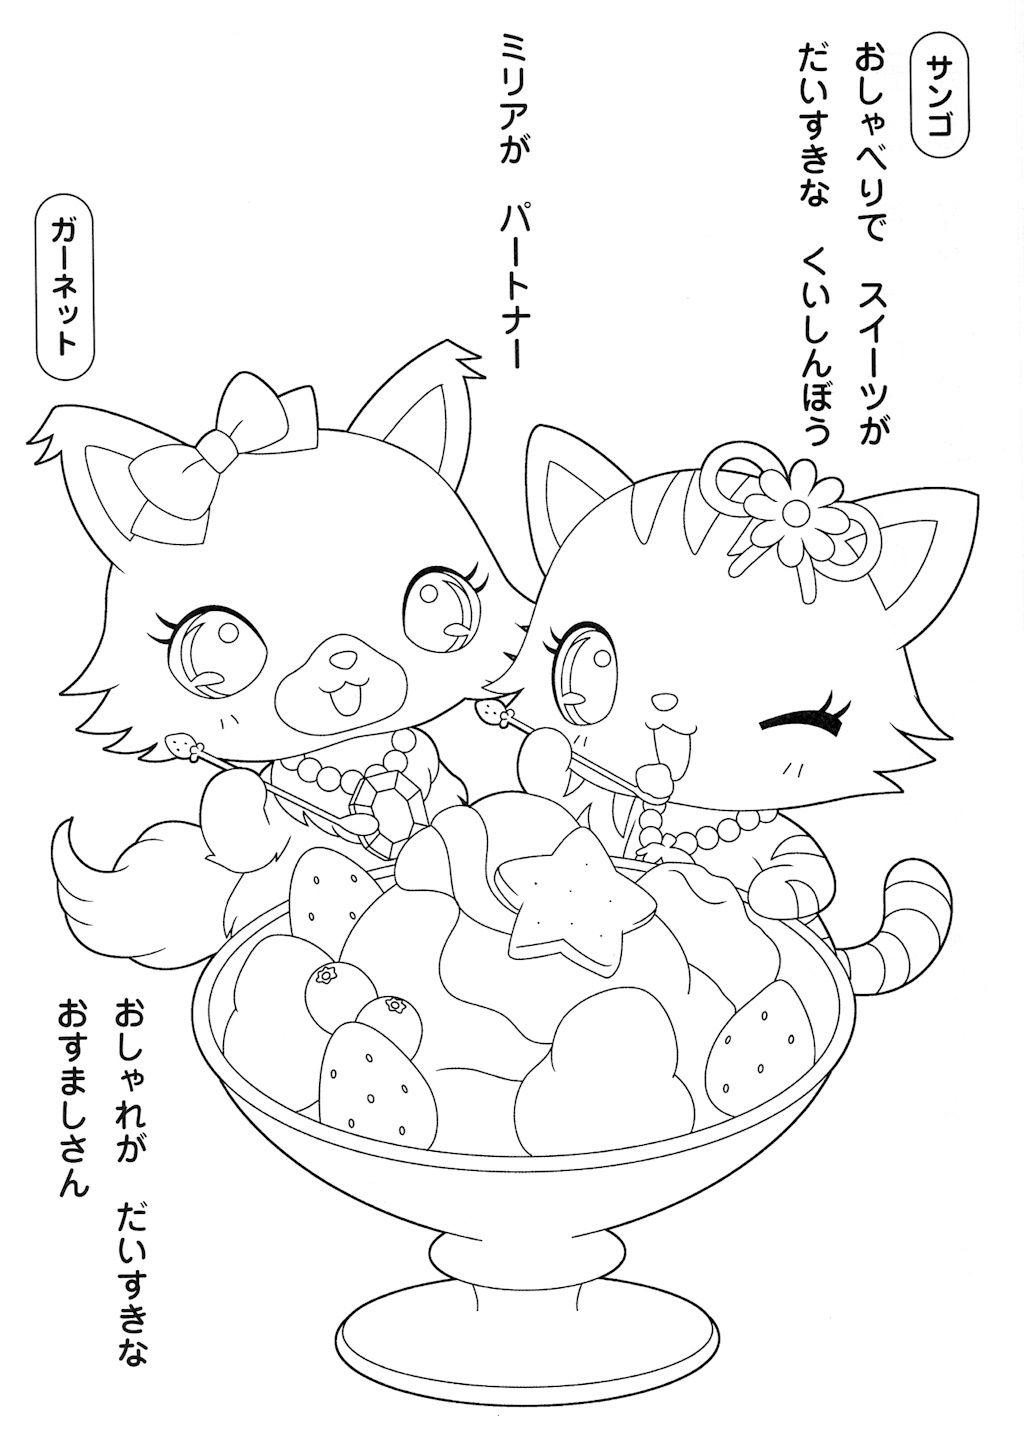 Coloriage jewelpet Japonais - Linh